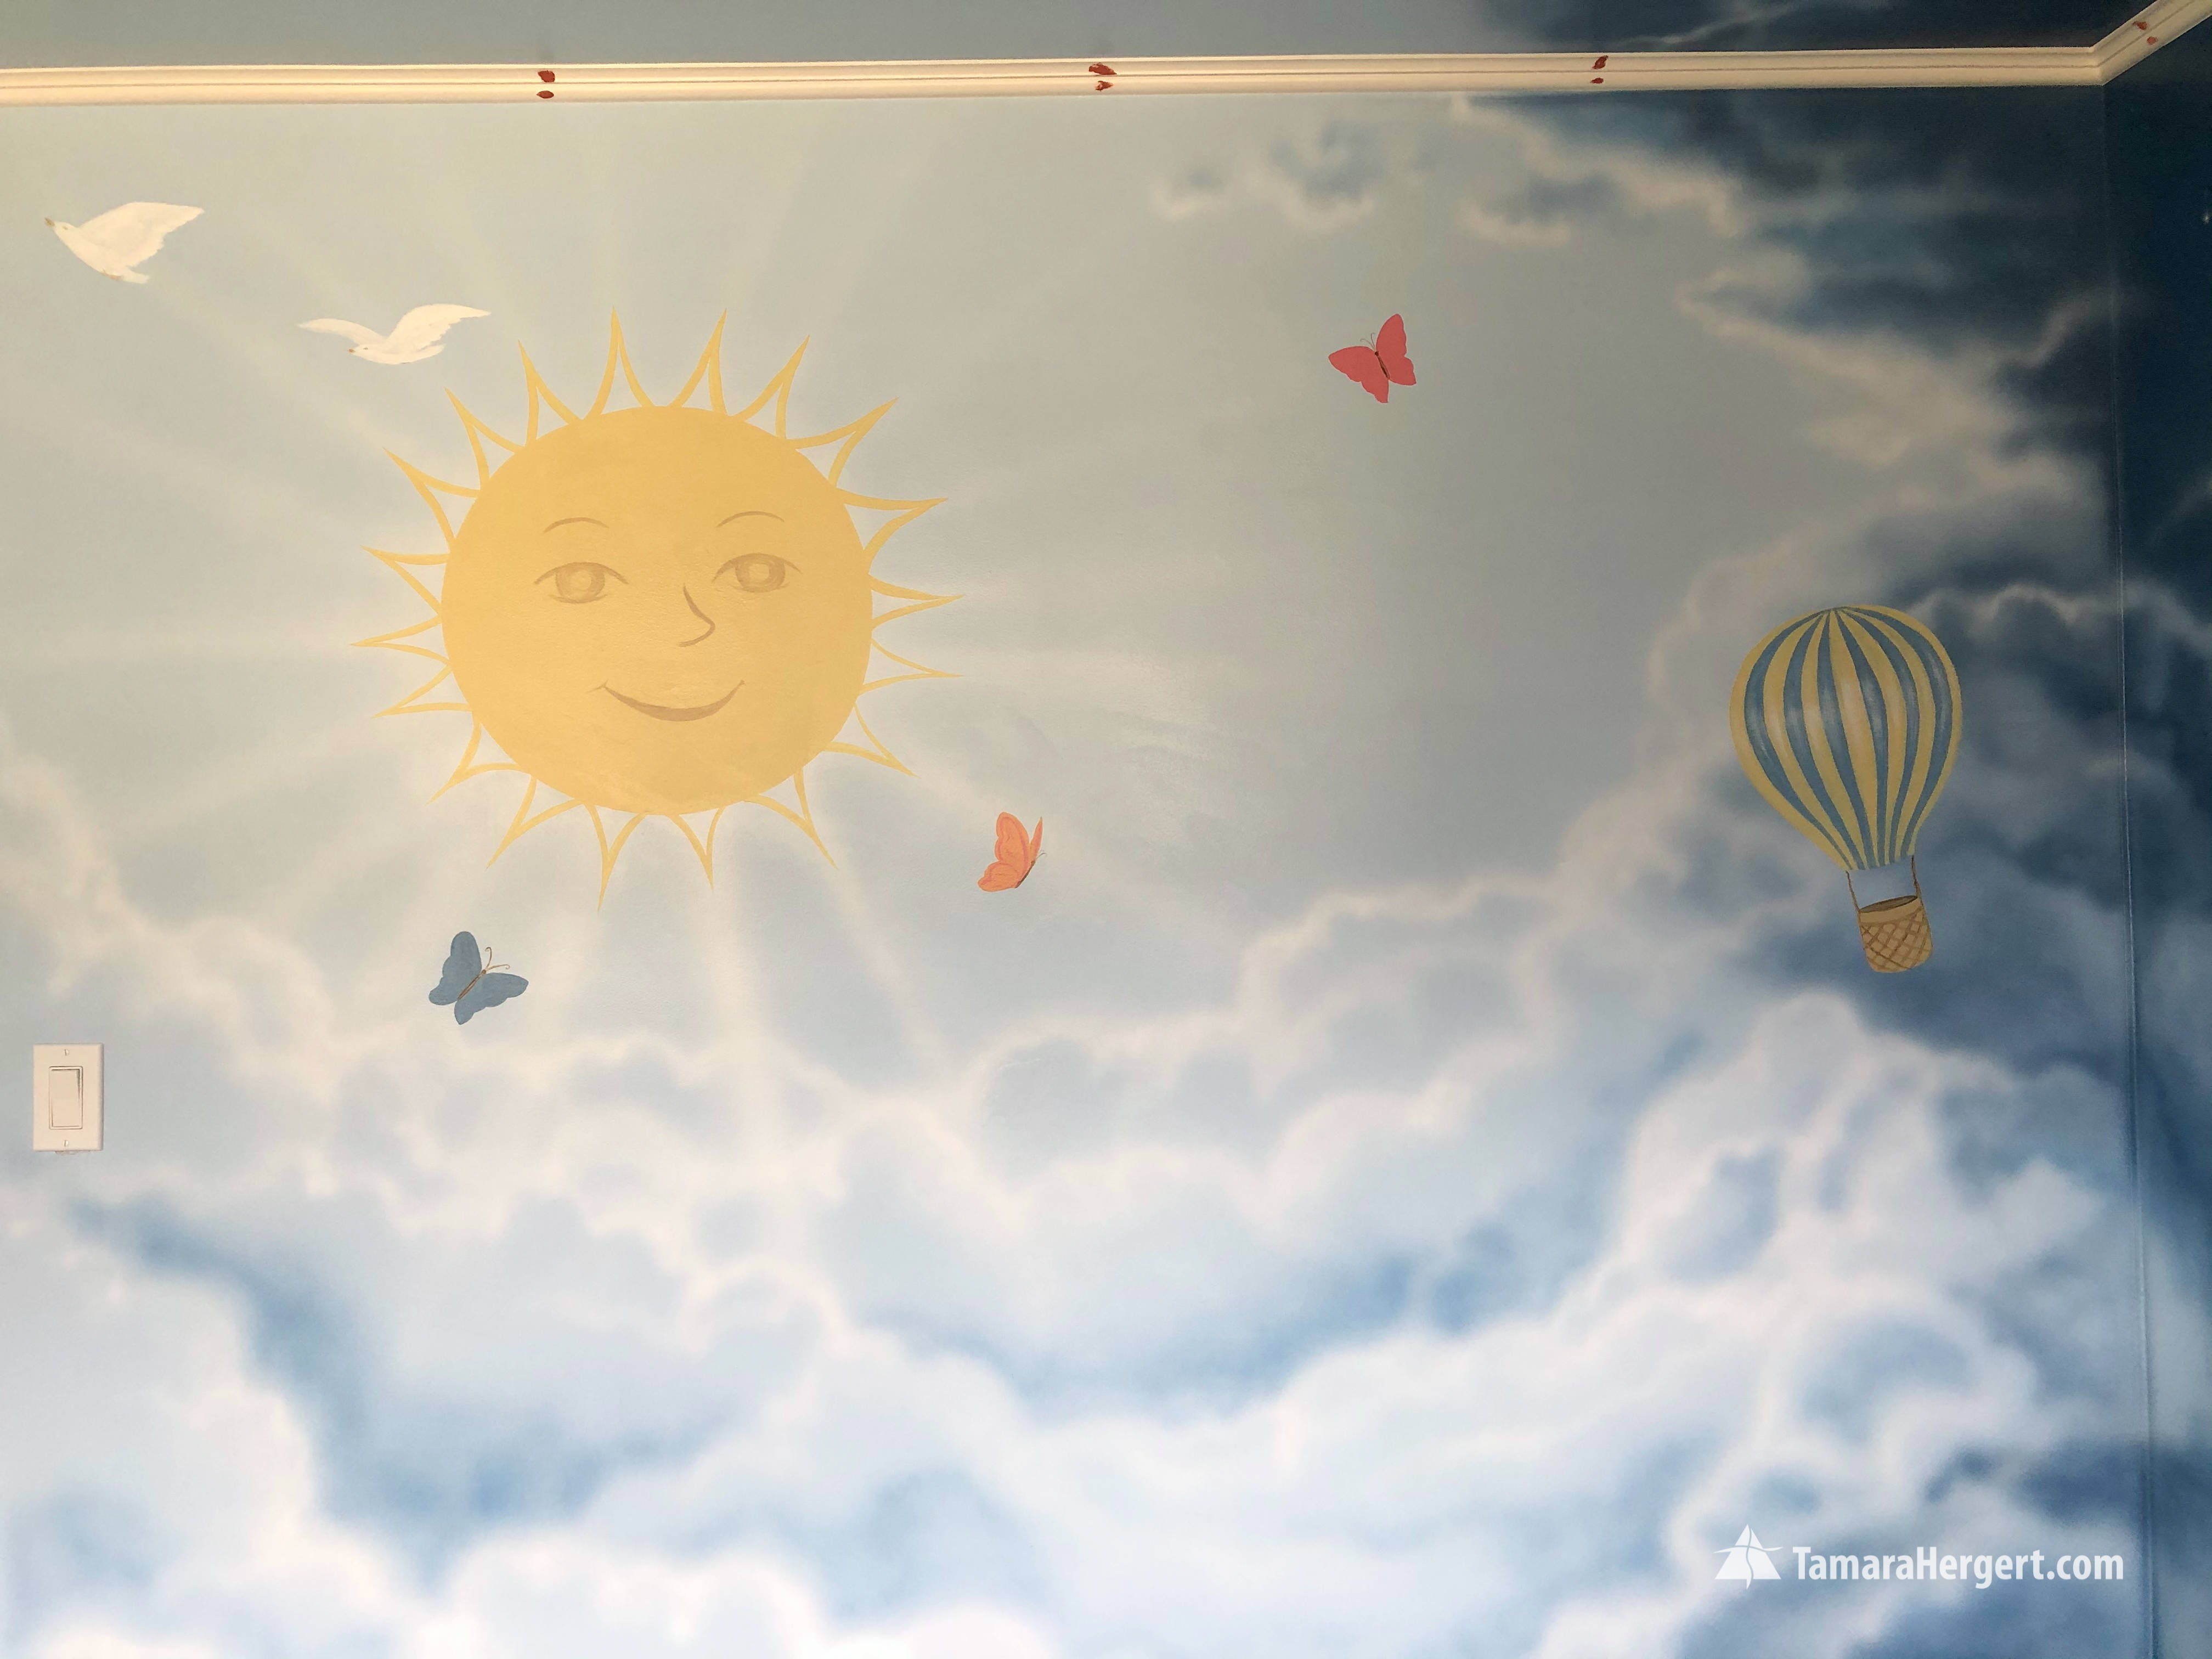 Night and Day mural by Tamara Hergert 16